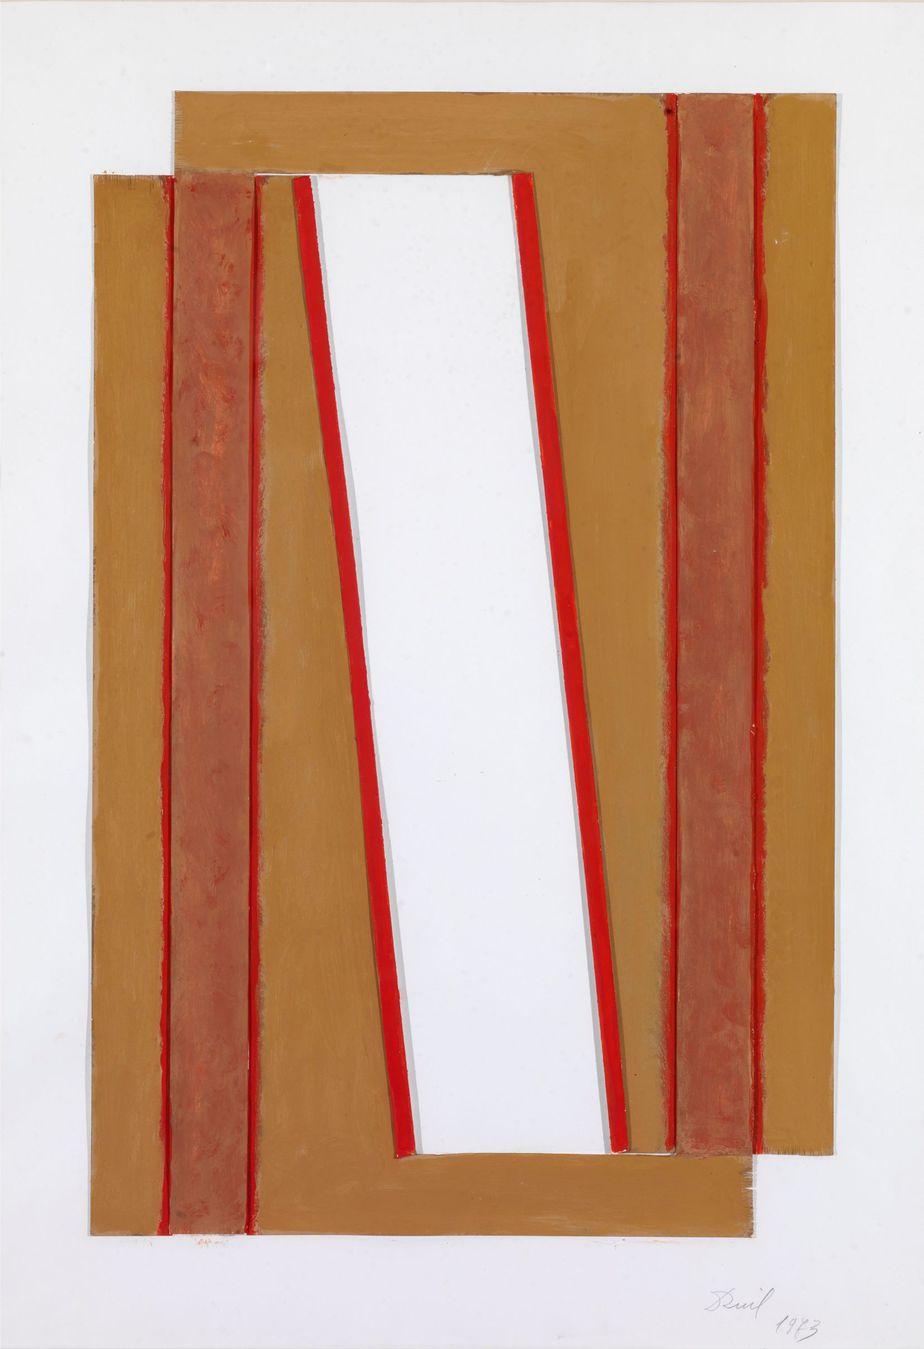 Δανιήλ Παναγόπουλος, Χωρίς τίτλο, 1973, Κολάζ, λάδι σε χαρτί, 59 x 41 εκ.